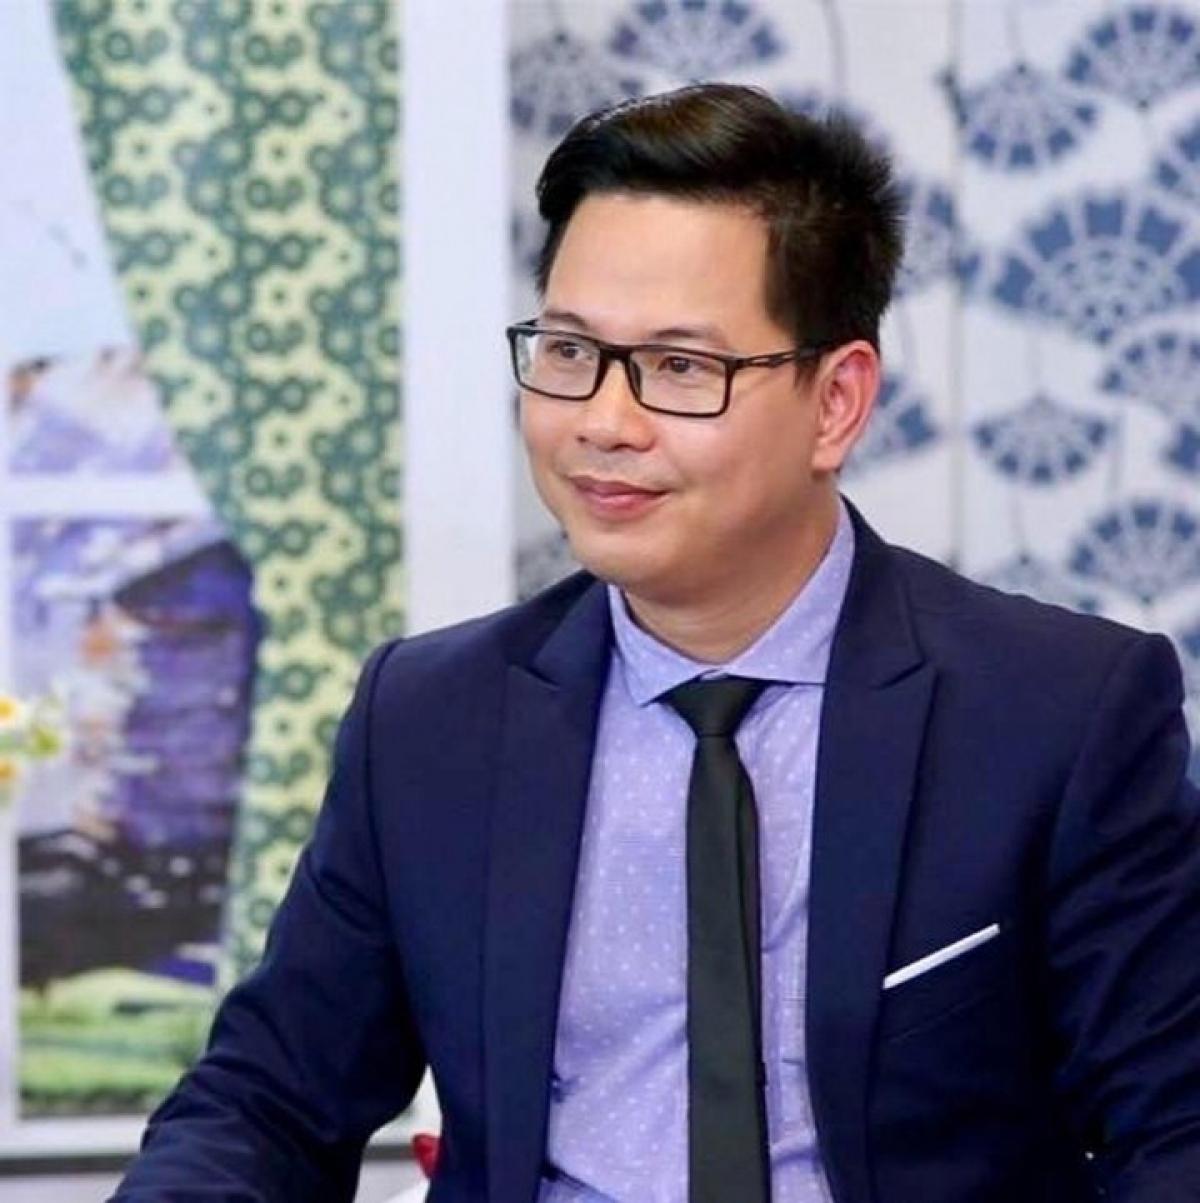 PGS.TS Trần Thành Nam, thành viên Hiệp hội Tâm lý và Giáo dục Việt Nam - Chủ nhiệm khoa Các Khoa học Giáo dục, Đại học Giáo dục (Đại học Quốc gia Hà Nội).